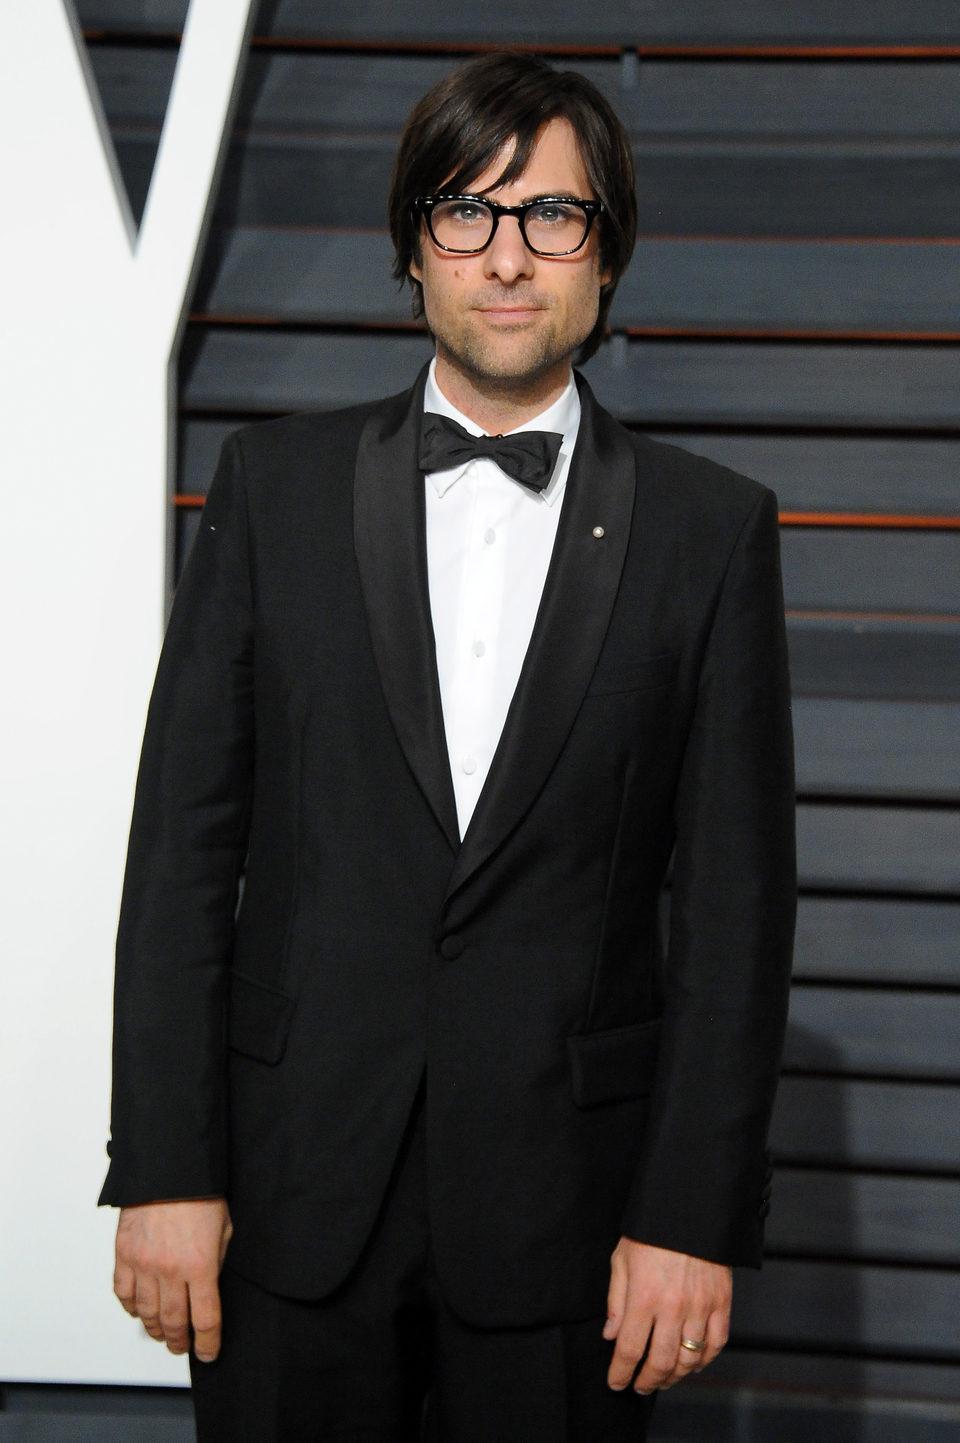 Jason Schwartzman in the Oscar 2015 red carpet